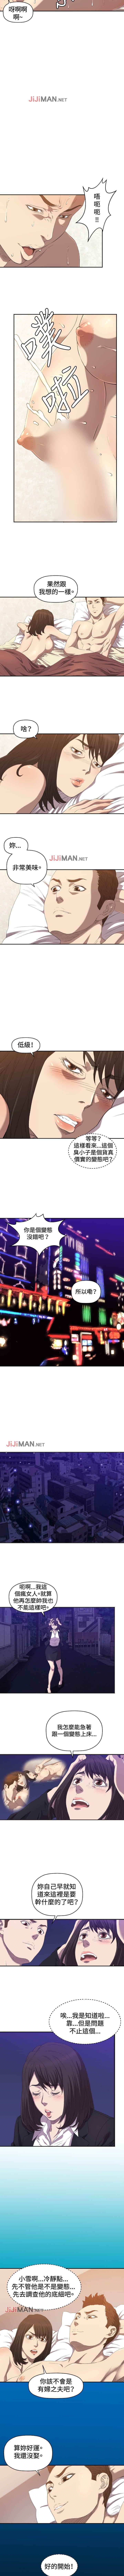 【已完结】索多玛俱乐部(作者:何藝媛&庫奈尼) 第1~32话 28